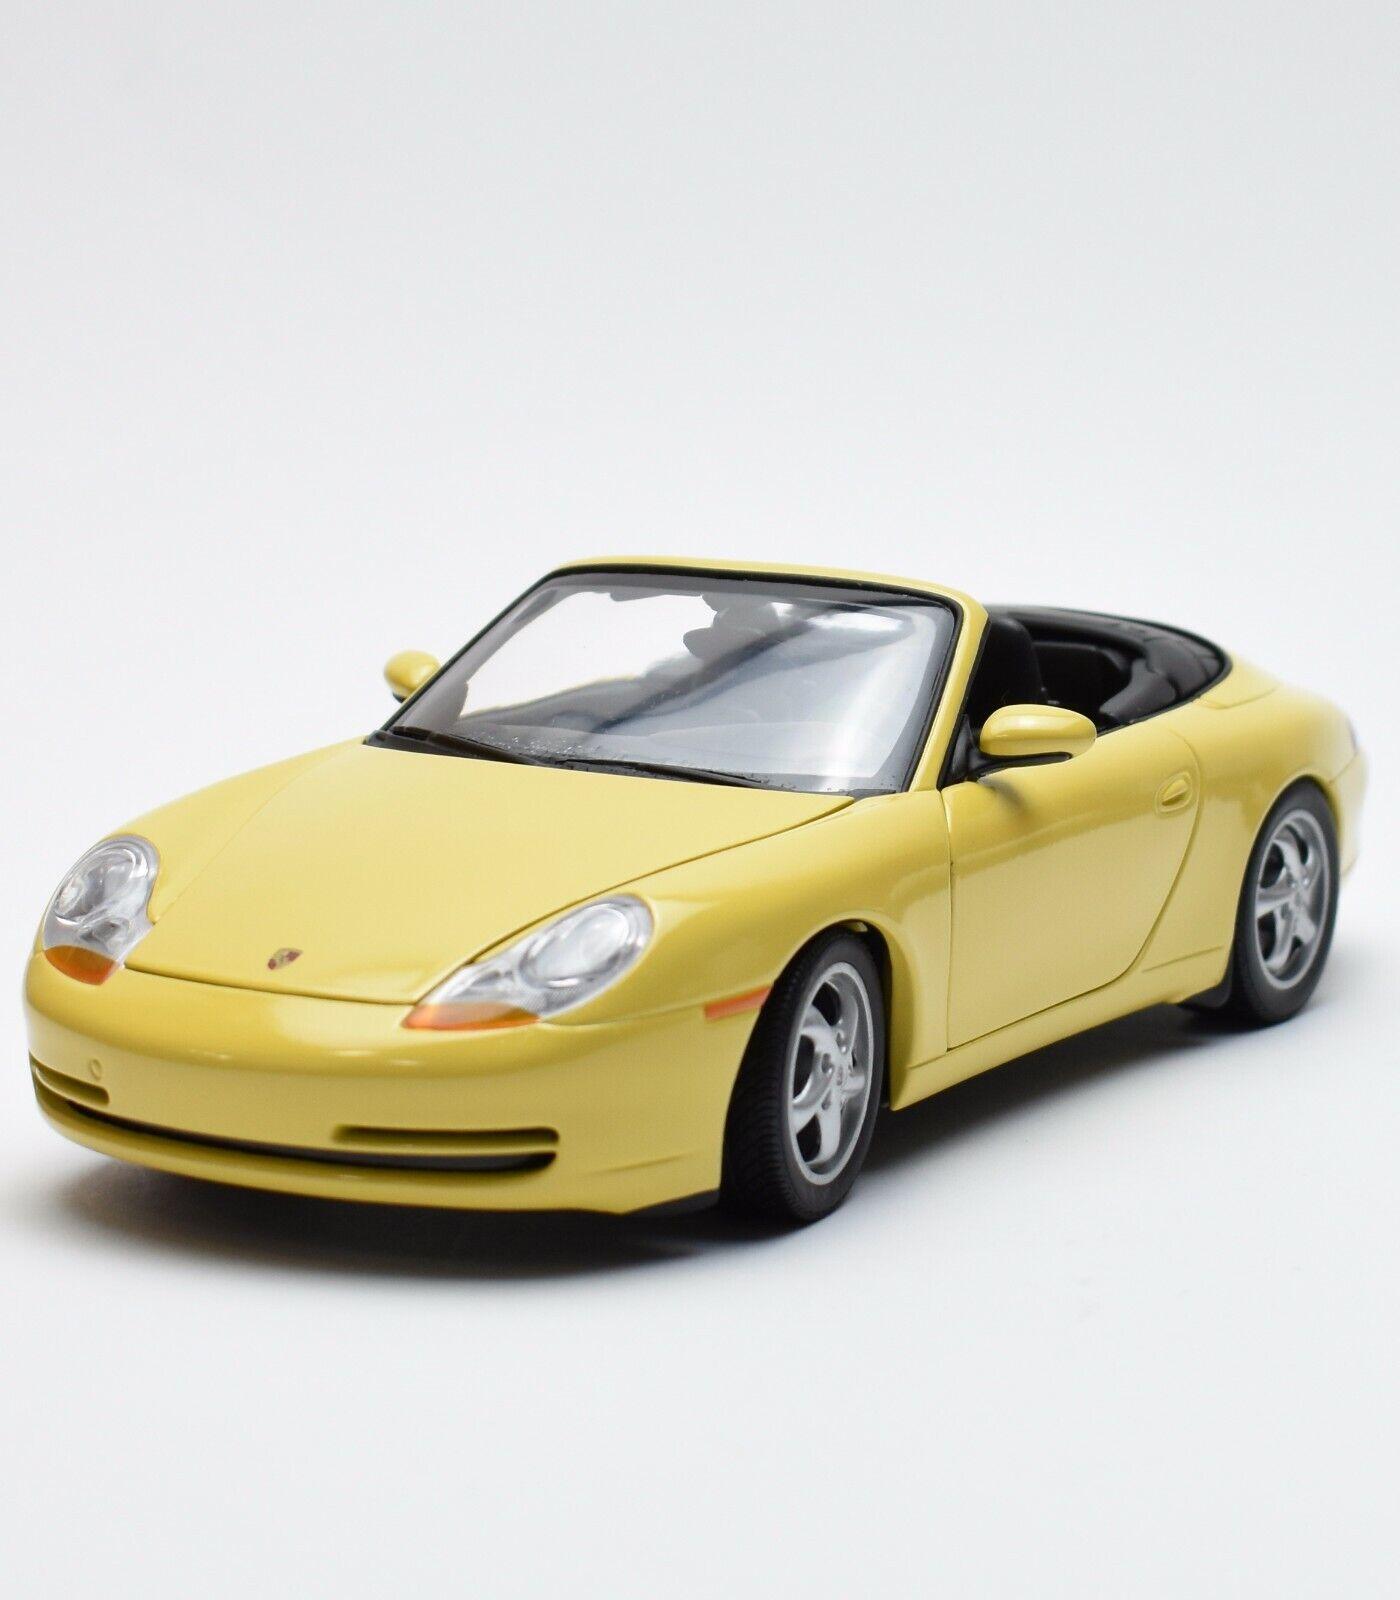 UT 27906 voiture de sport PORSCHE 911 996 Cabriolet en jaune laqué, 1 18, NEUF dans sa boîte, k006